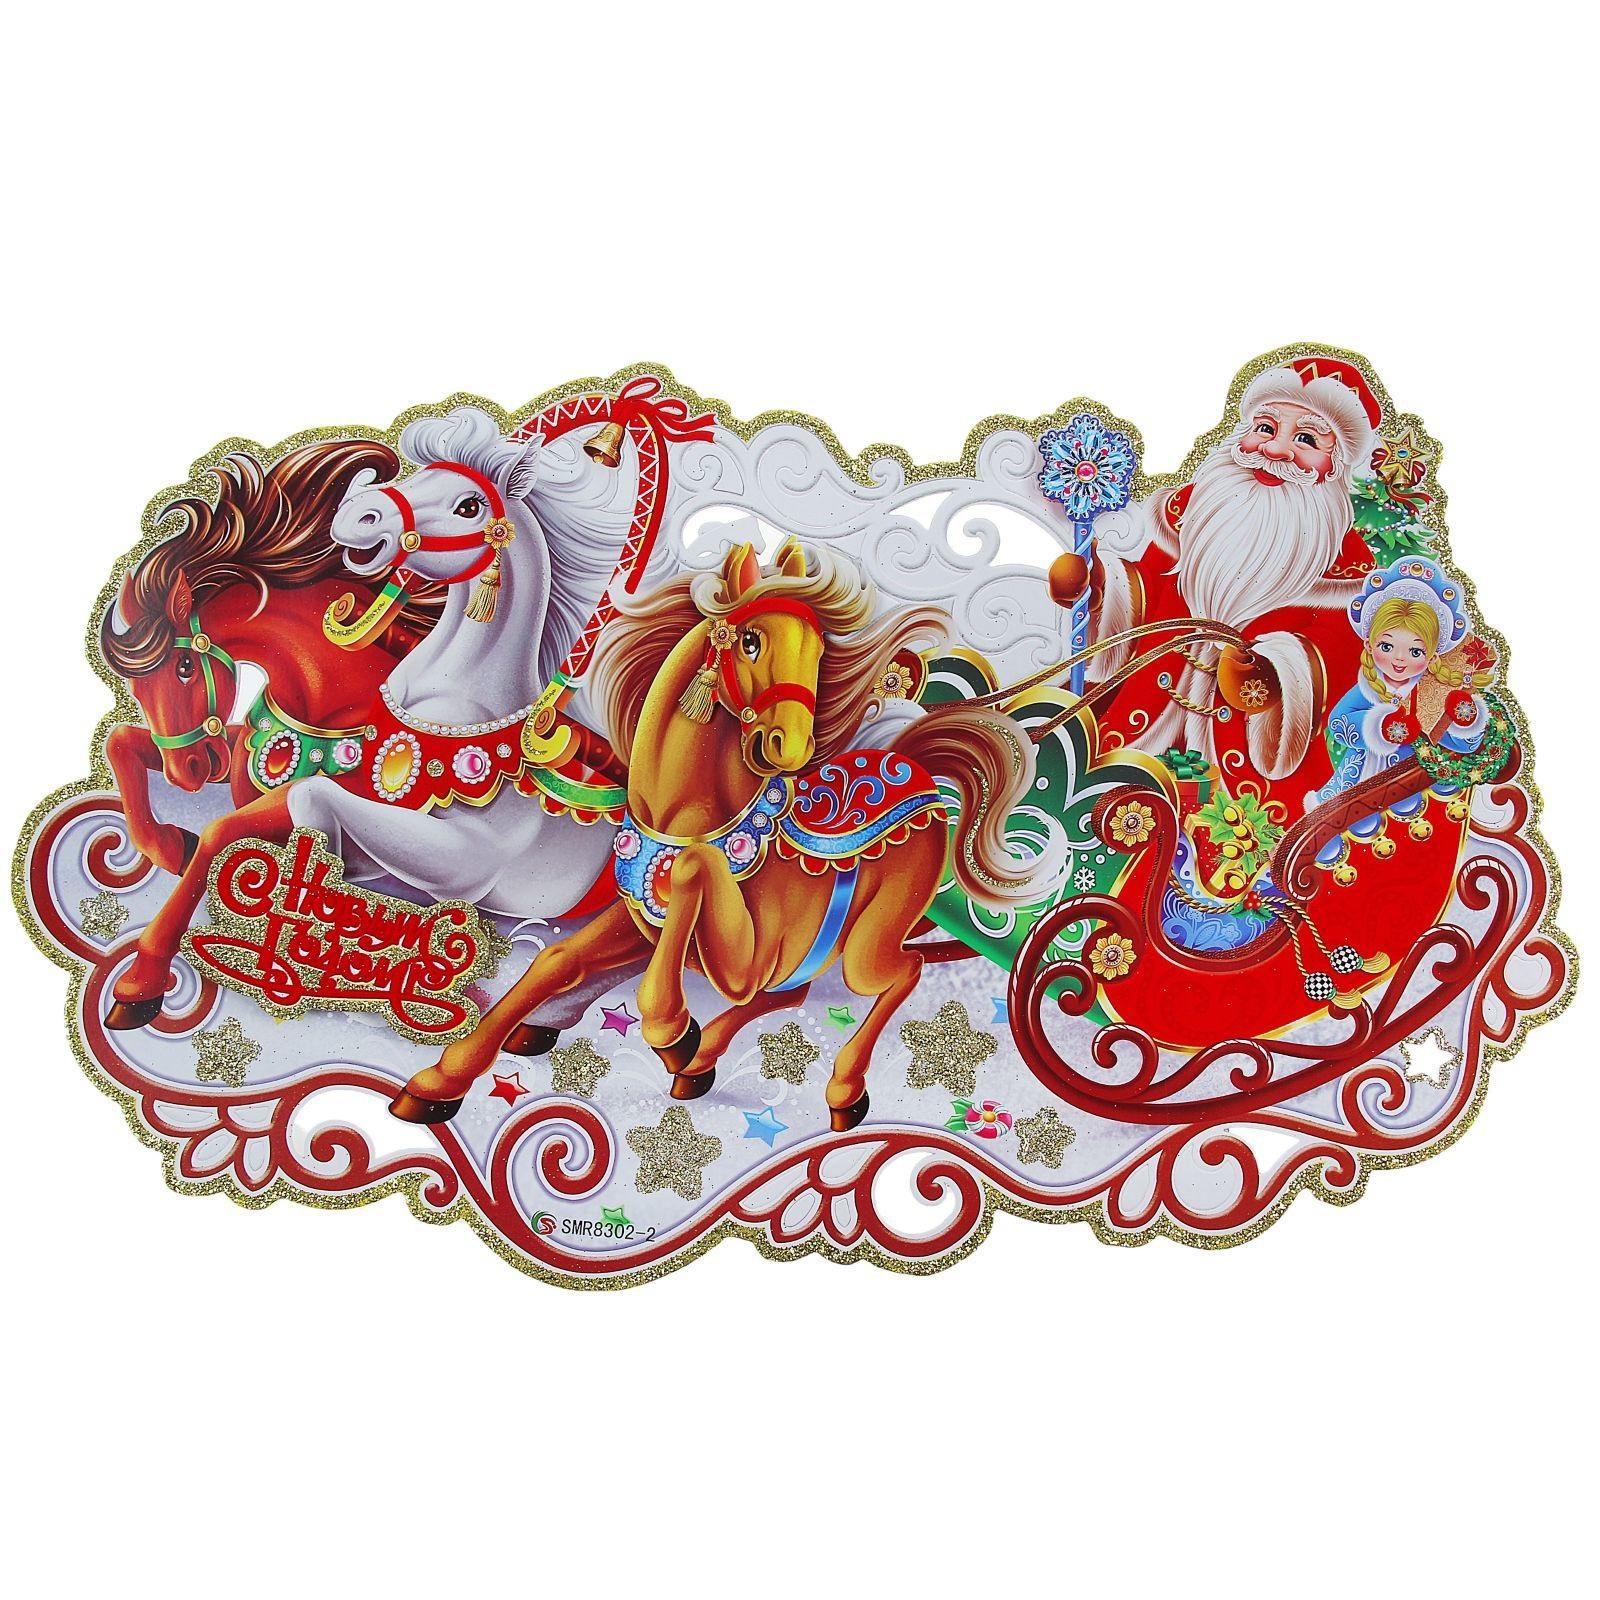 НГ Дед Мороз с гирляндой 43см